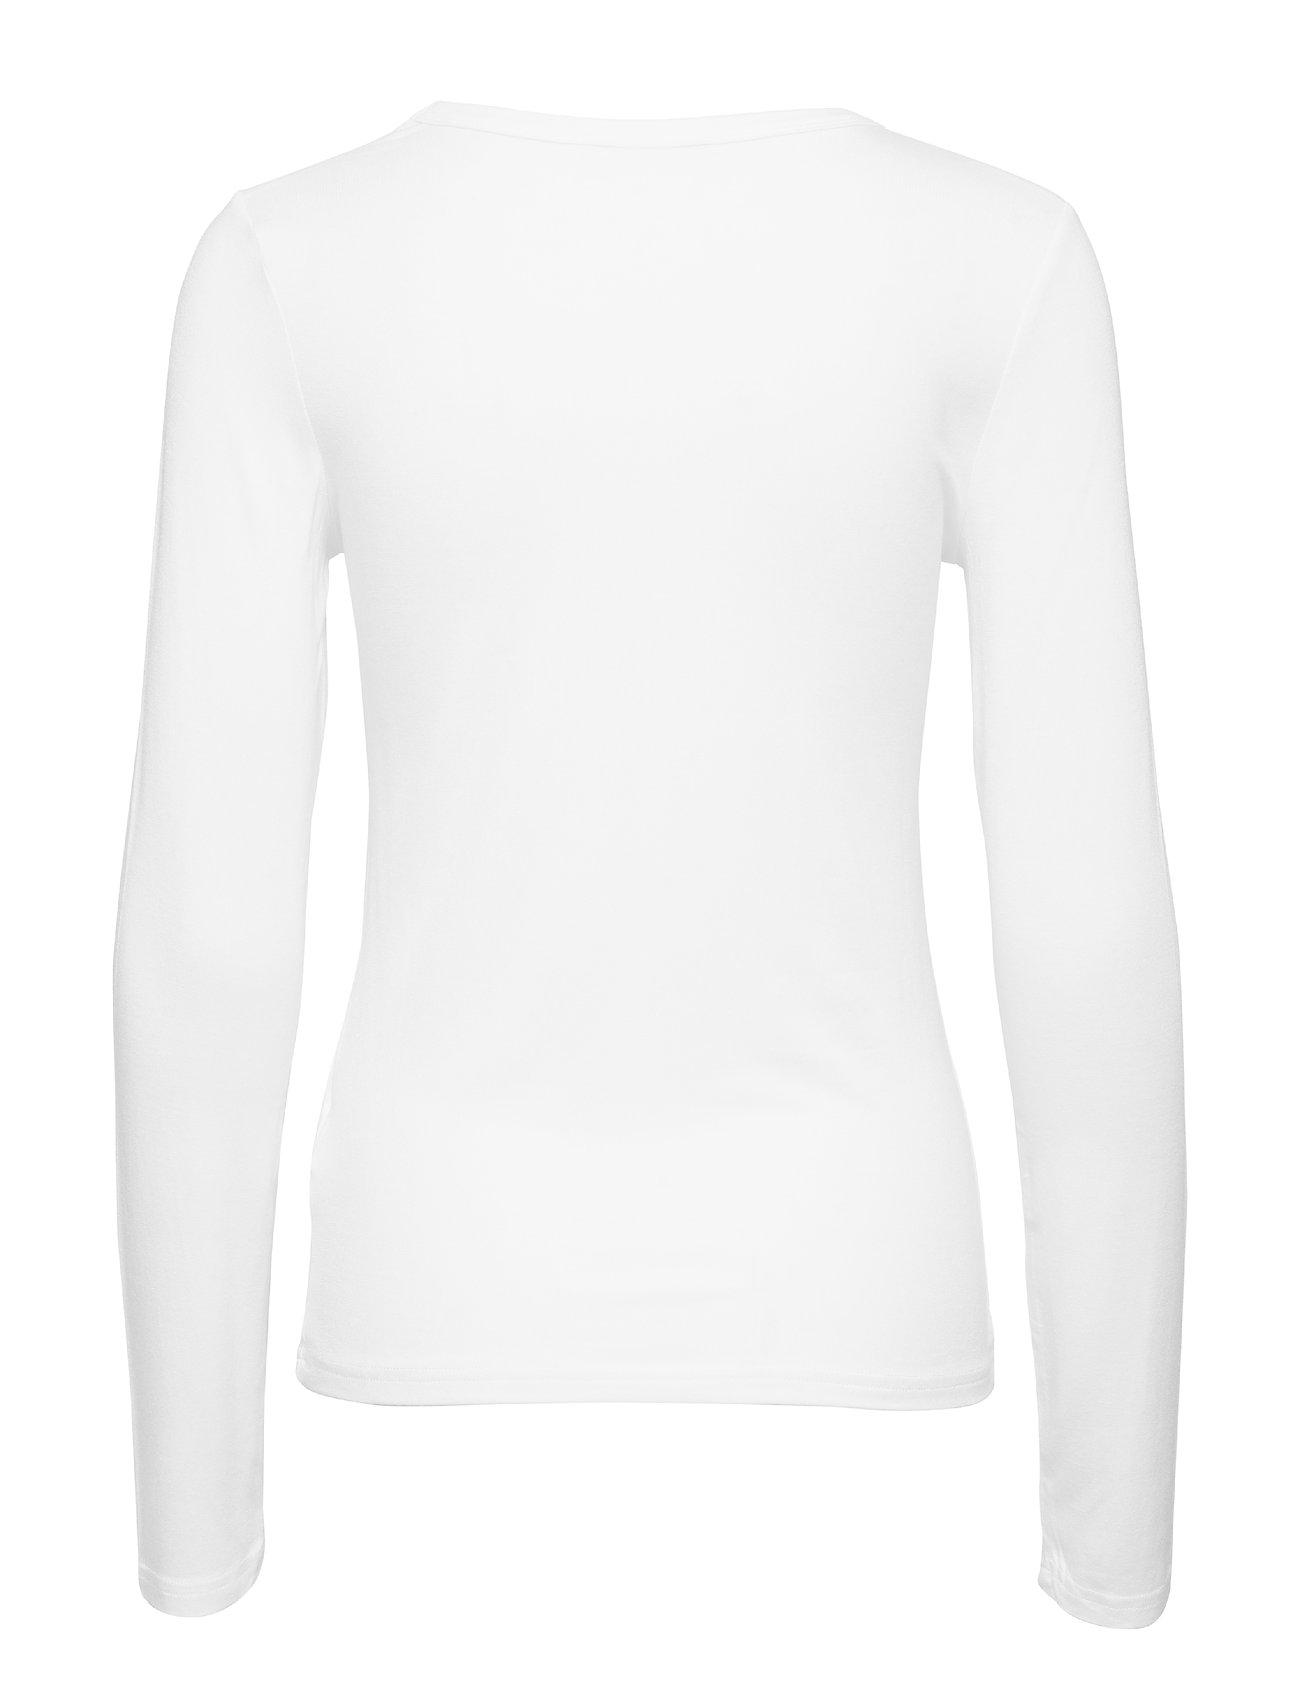 Hapalan Langærmet T shirt Hvid TIGER OF SWEDEN